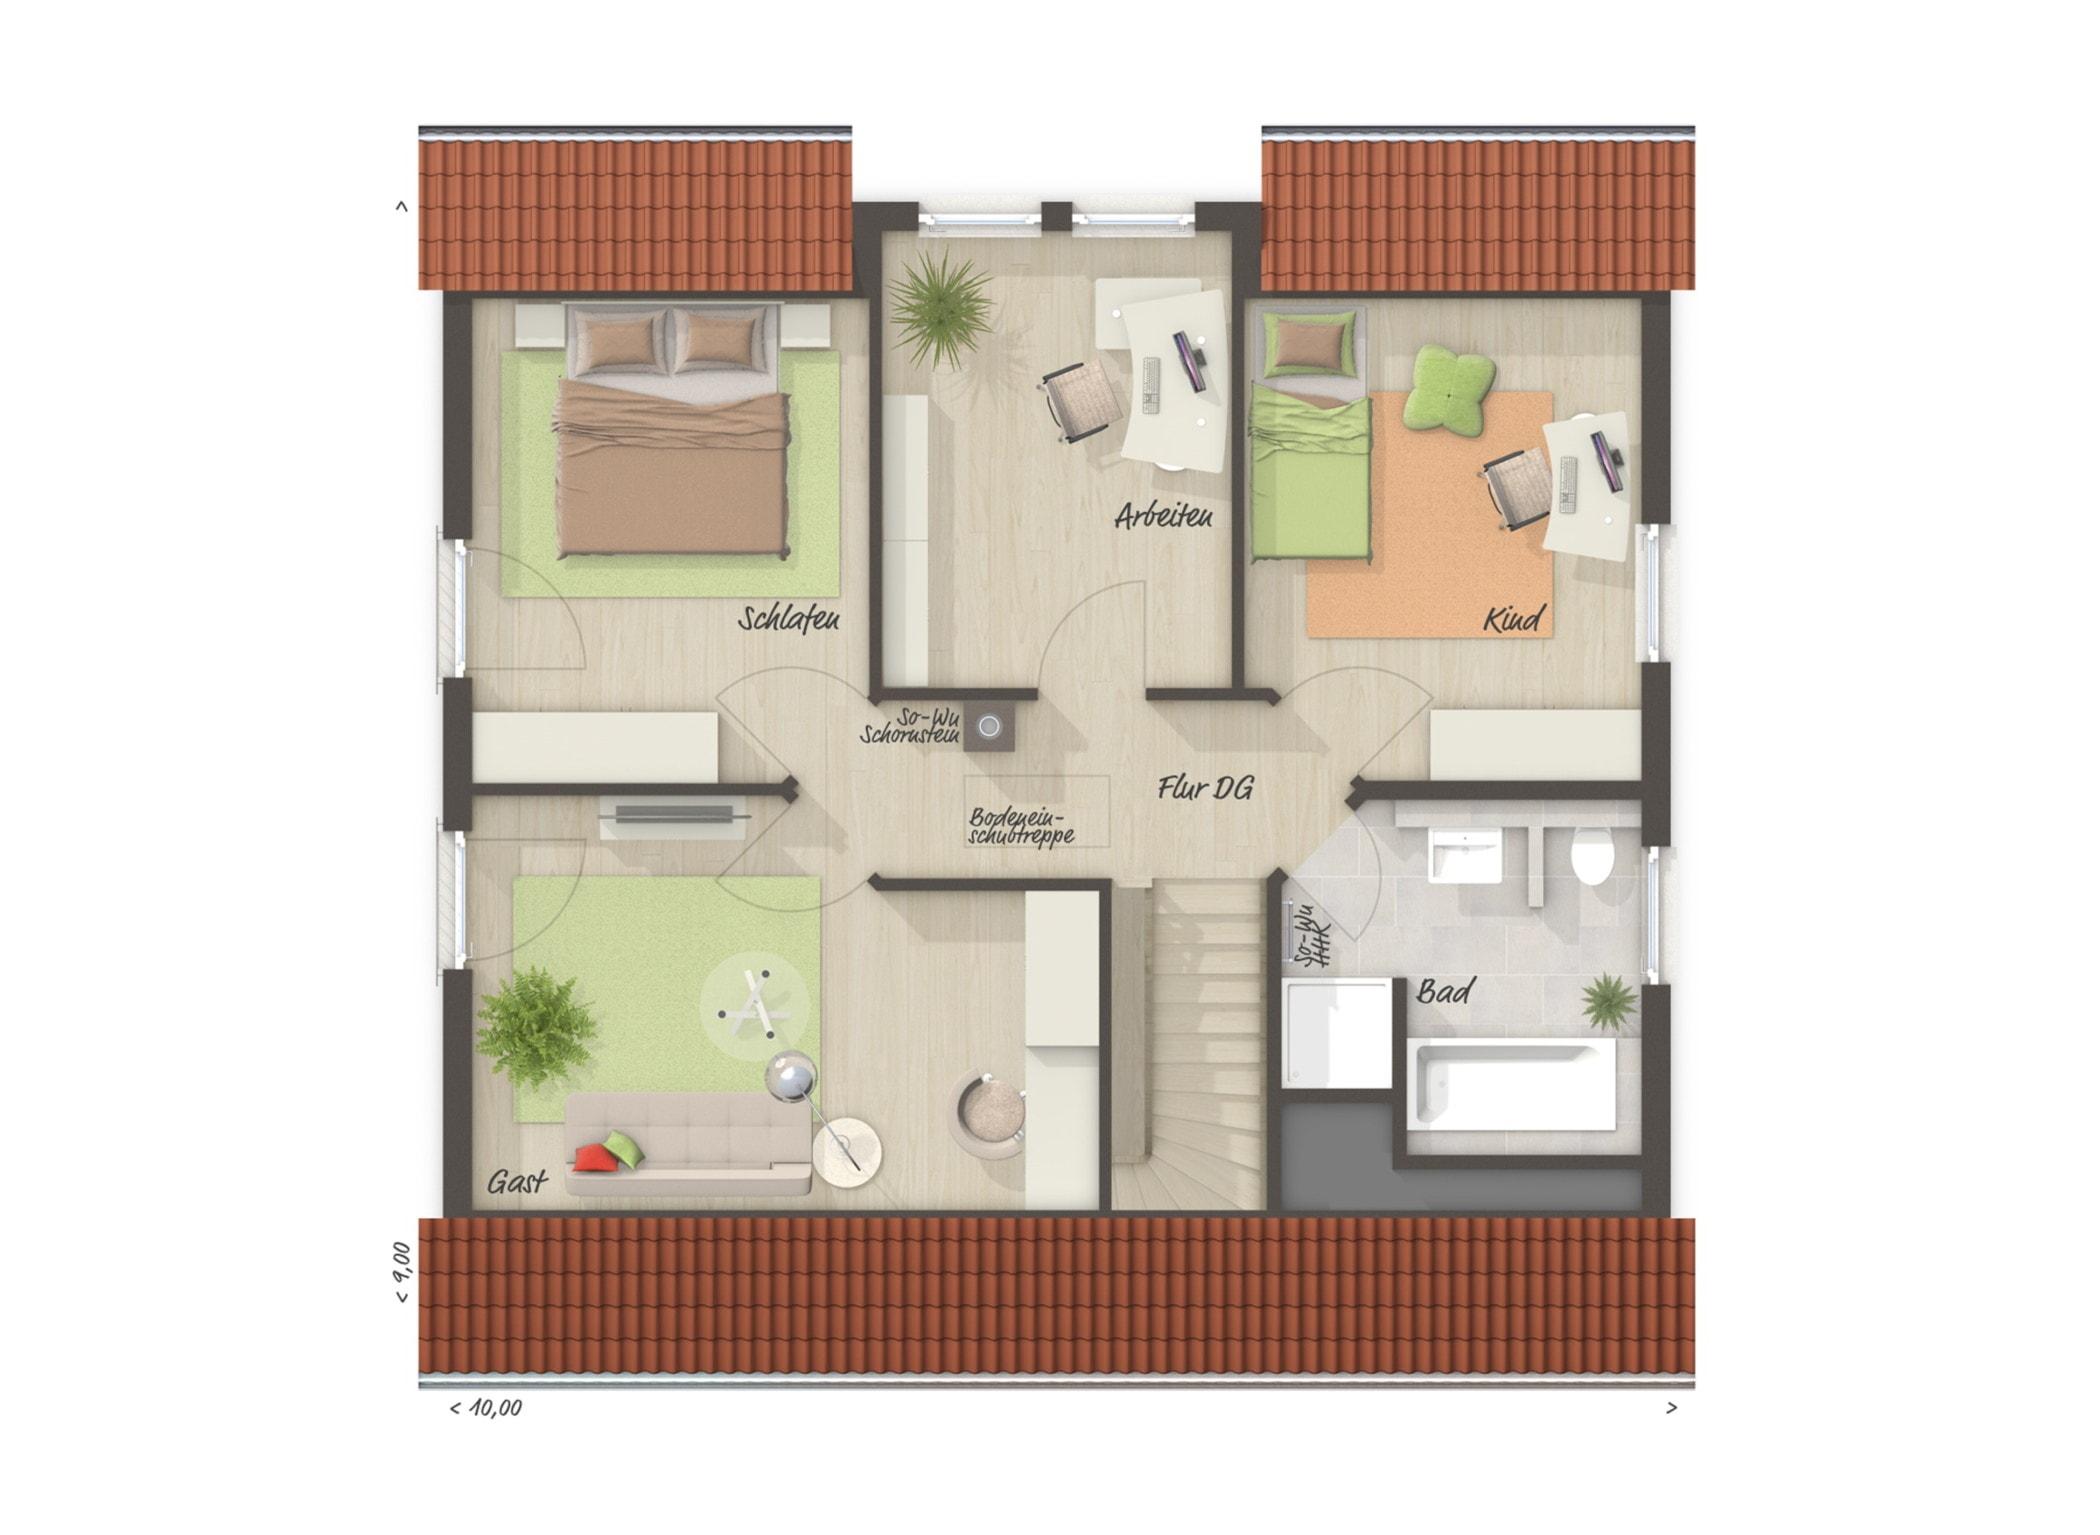 Grundriss Einfamilienhaus Obergeschoss mit Satteldach & 3 Kinderzimmer, 6 Zimmer, 130 qm - Massivhaus bauen Ideen Town Country Haus FLAIR 134 - HausbauDirekt.de